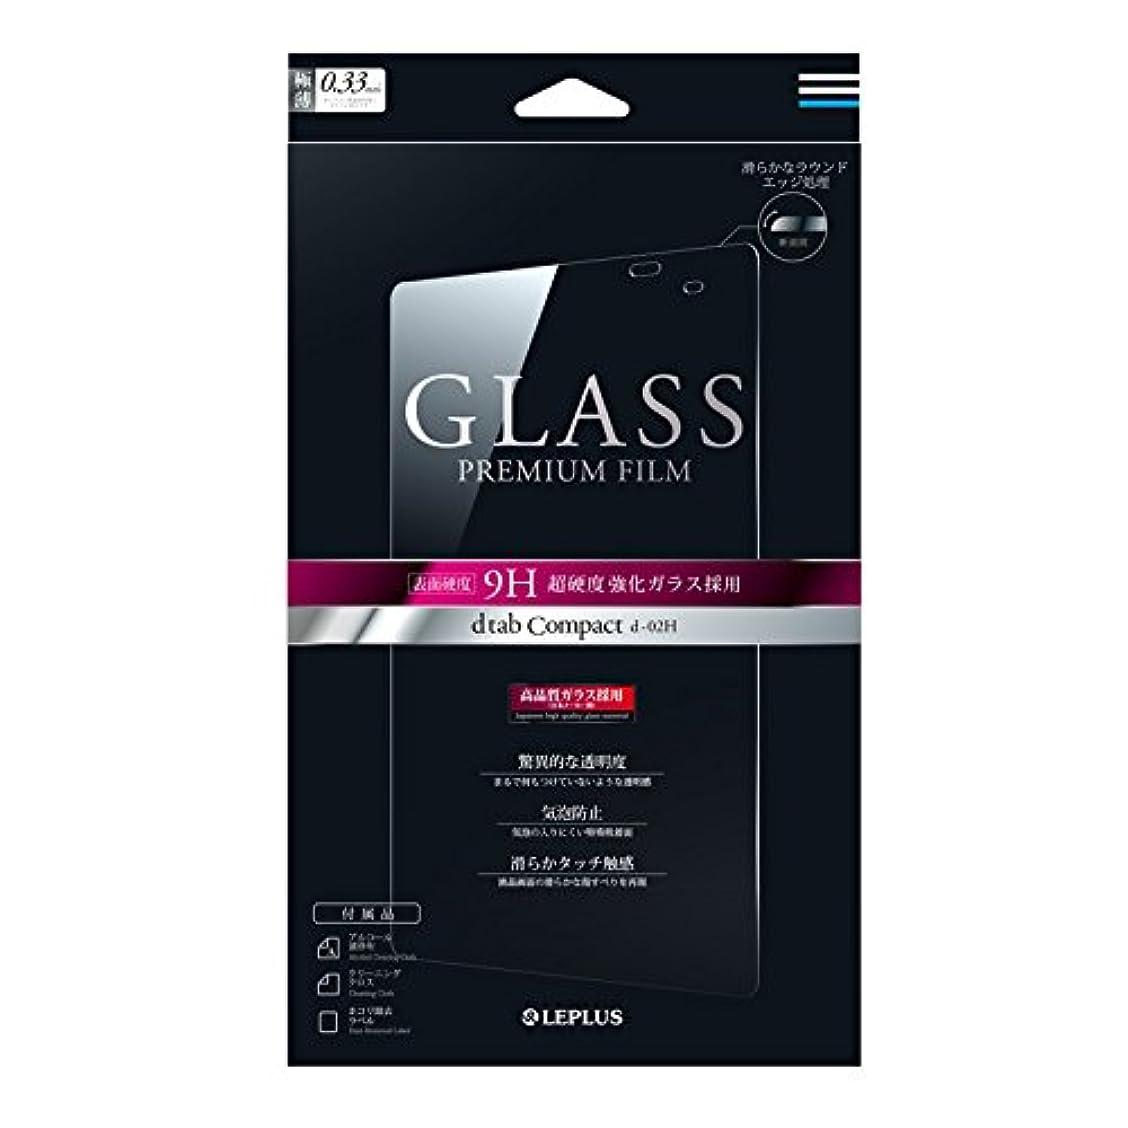 ご覧くださいヘルパーかなりのLEPLUS 【LP-D02HFG】dtab Compact d-02H ガラスフィルム 「GLASS PREMIUM FILM」 通常 0.33mm 日本製高品質ガラス使用 表面硬度9H ラウンドエッジ加工 指紋防止 クリーニングクロス付